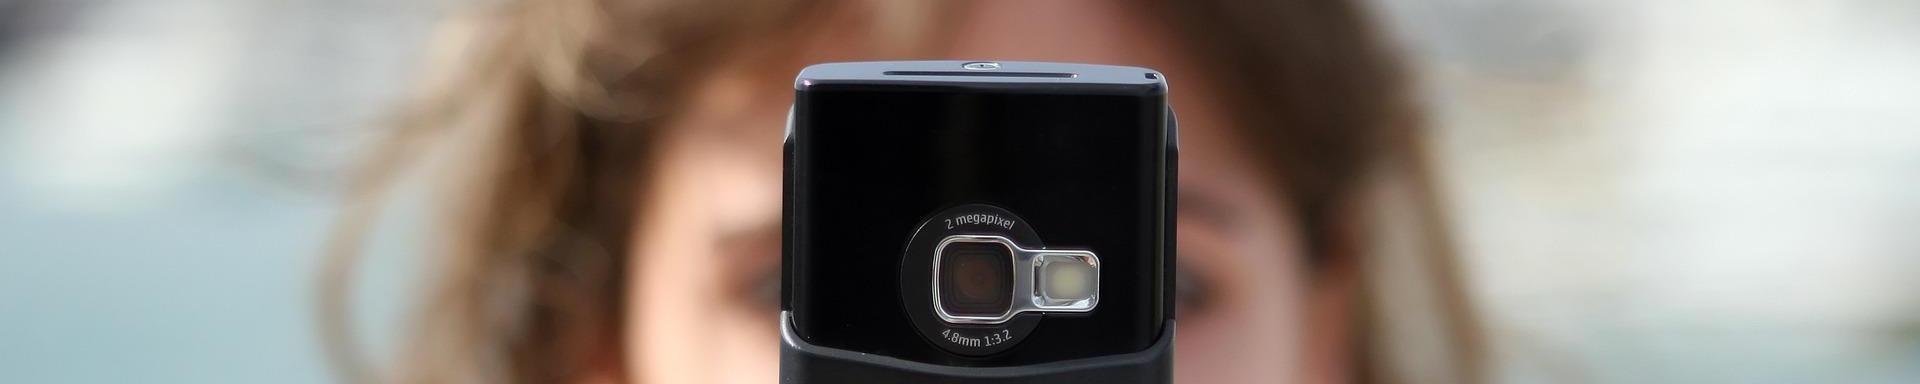 5 Consejos que te ayudarán a hacer mejores fotos con tu móvil